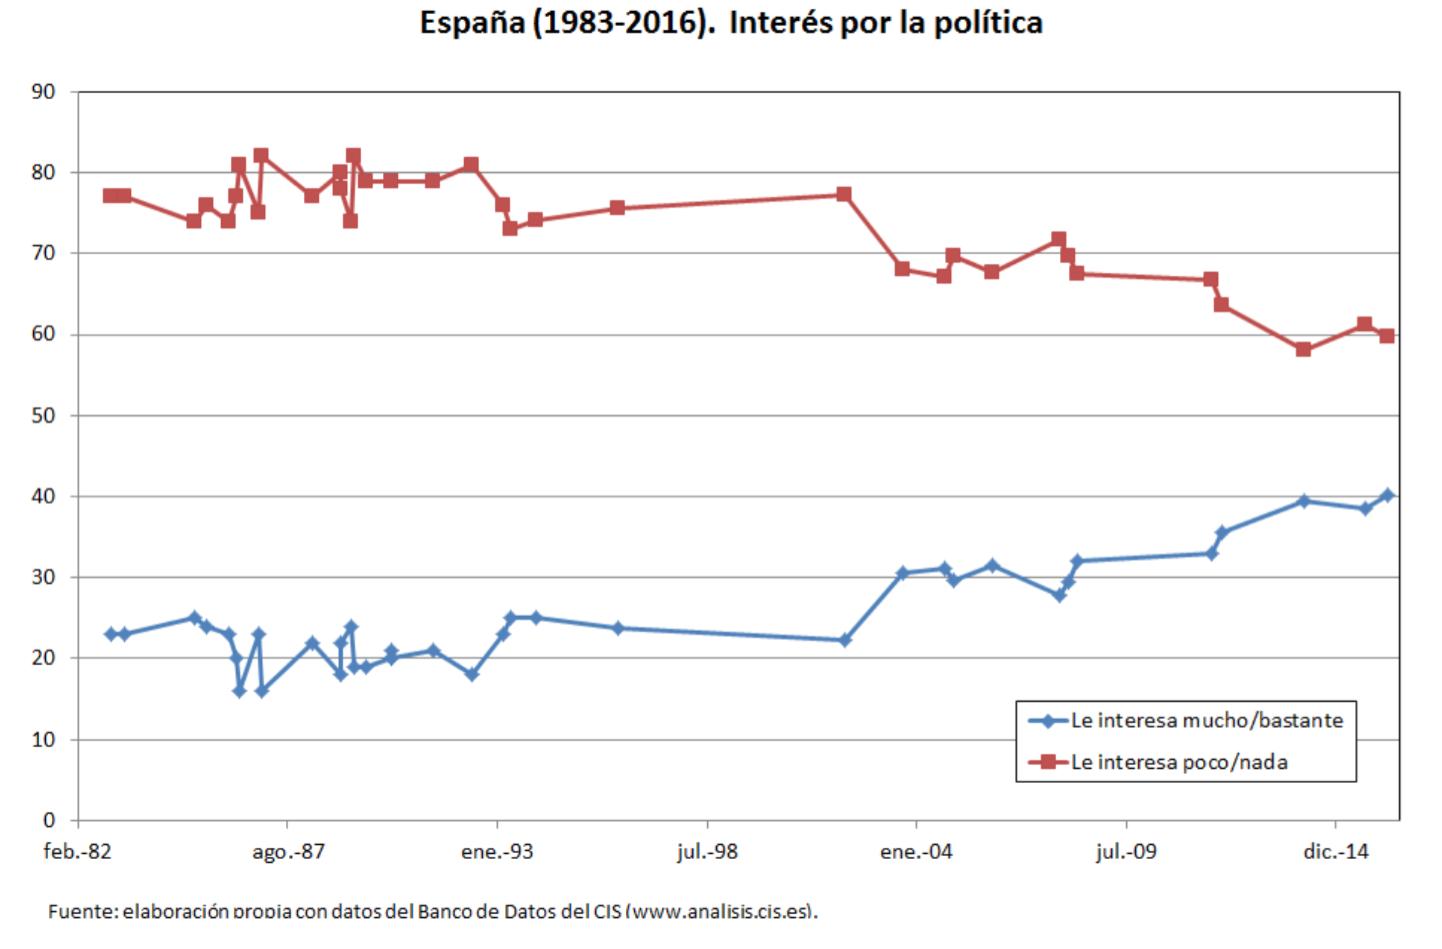 Funcas-4-Escepticismo-Politico-Espana-5.